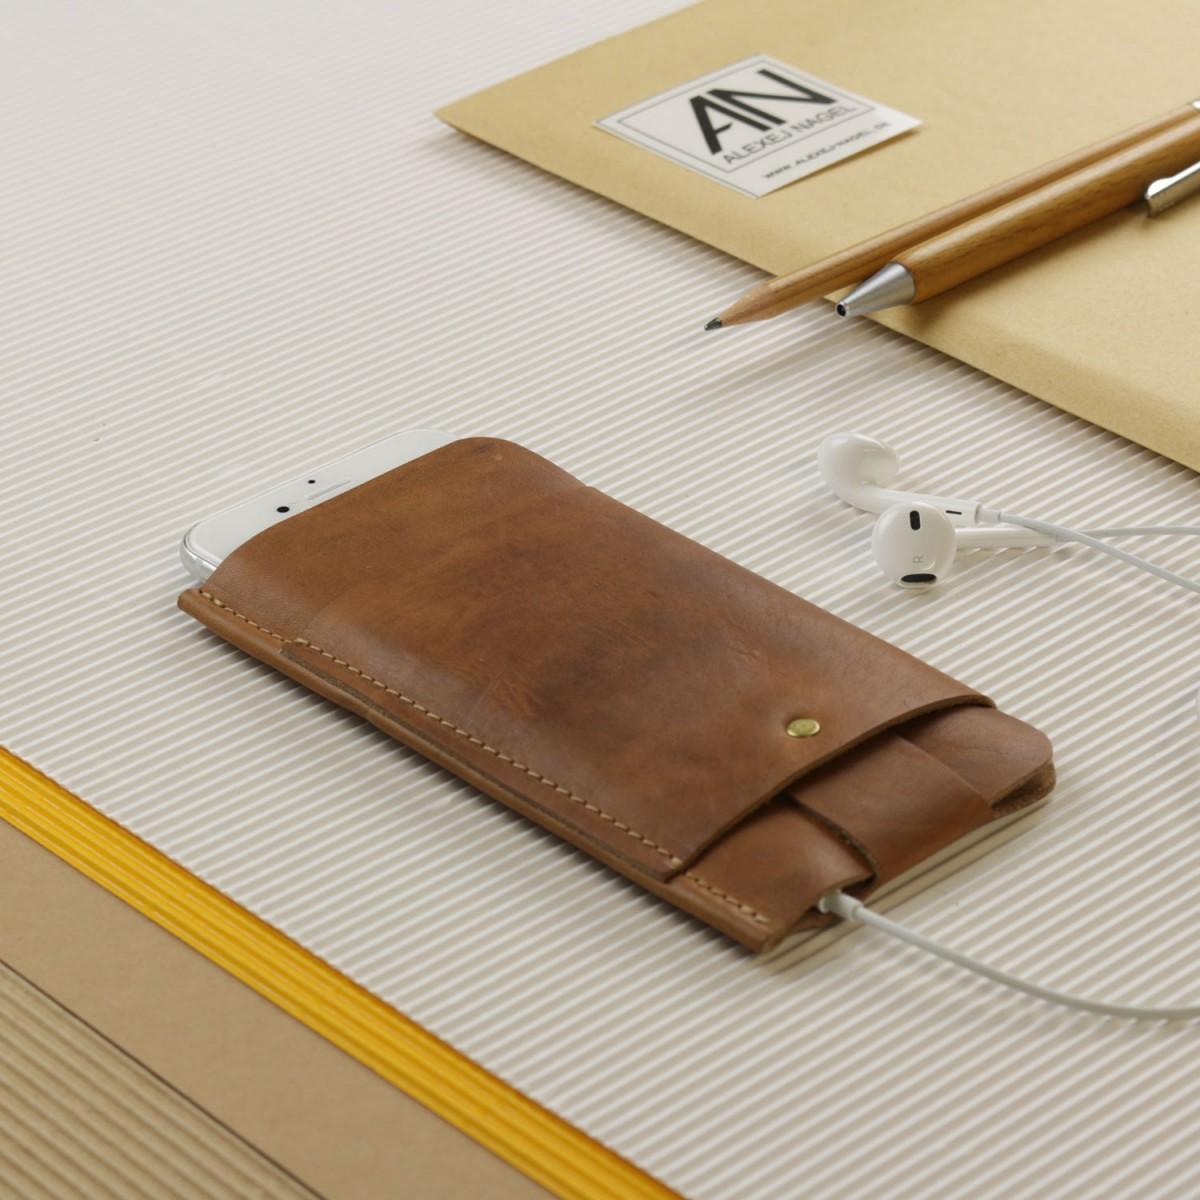 Alexej Nagel Slim Fit Hülle für iPhone 6 Plus / 6S Plus / 7 Plus aus Vintage Leder [V]